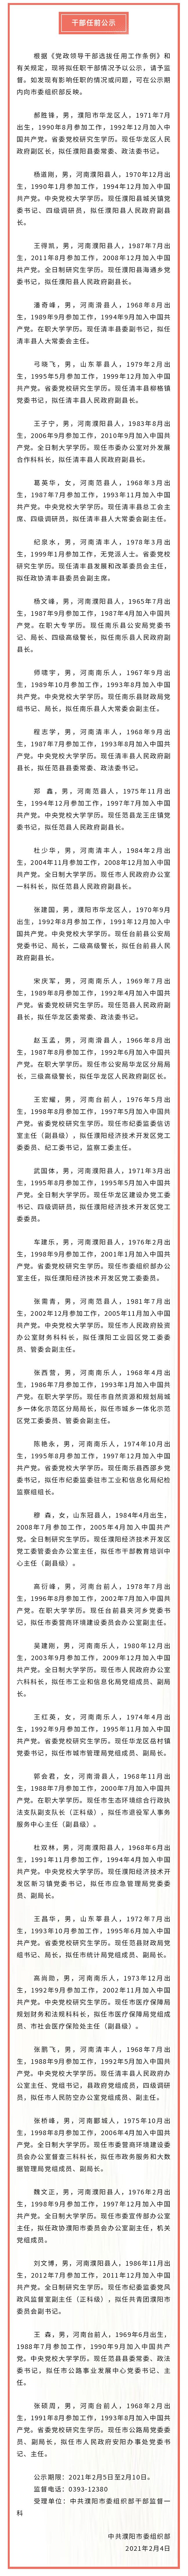 河南两市最新人事任免来了 一市公示36名拟任职干部